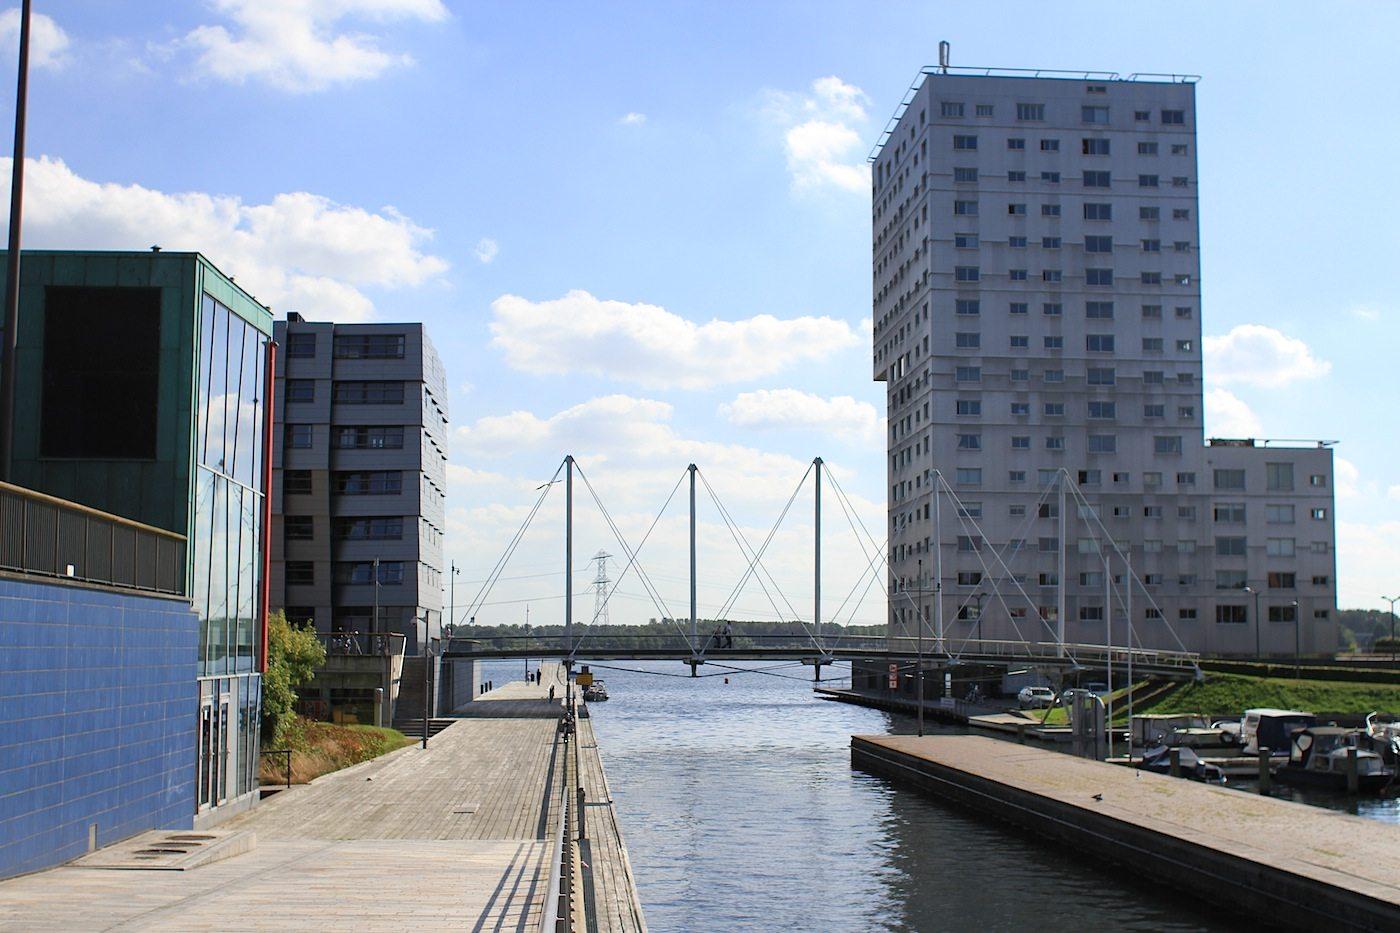 Hengelostraat. Mit Blick auf Weerwater und den Wohnturm Silverline von Claus en Kaan Architecten, 2001. Die filigrane Brücke, die Fietsbrug Olstgracht, ist vom The Wave-Architekten van Zuuk entworfen. Fertigstellung 2003.